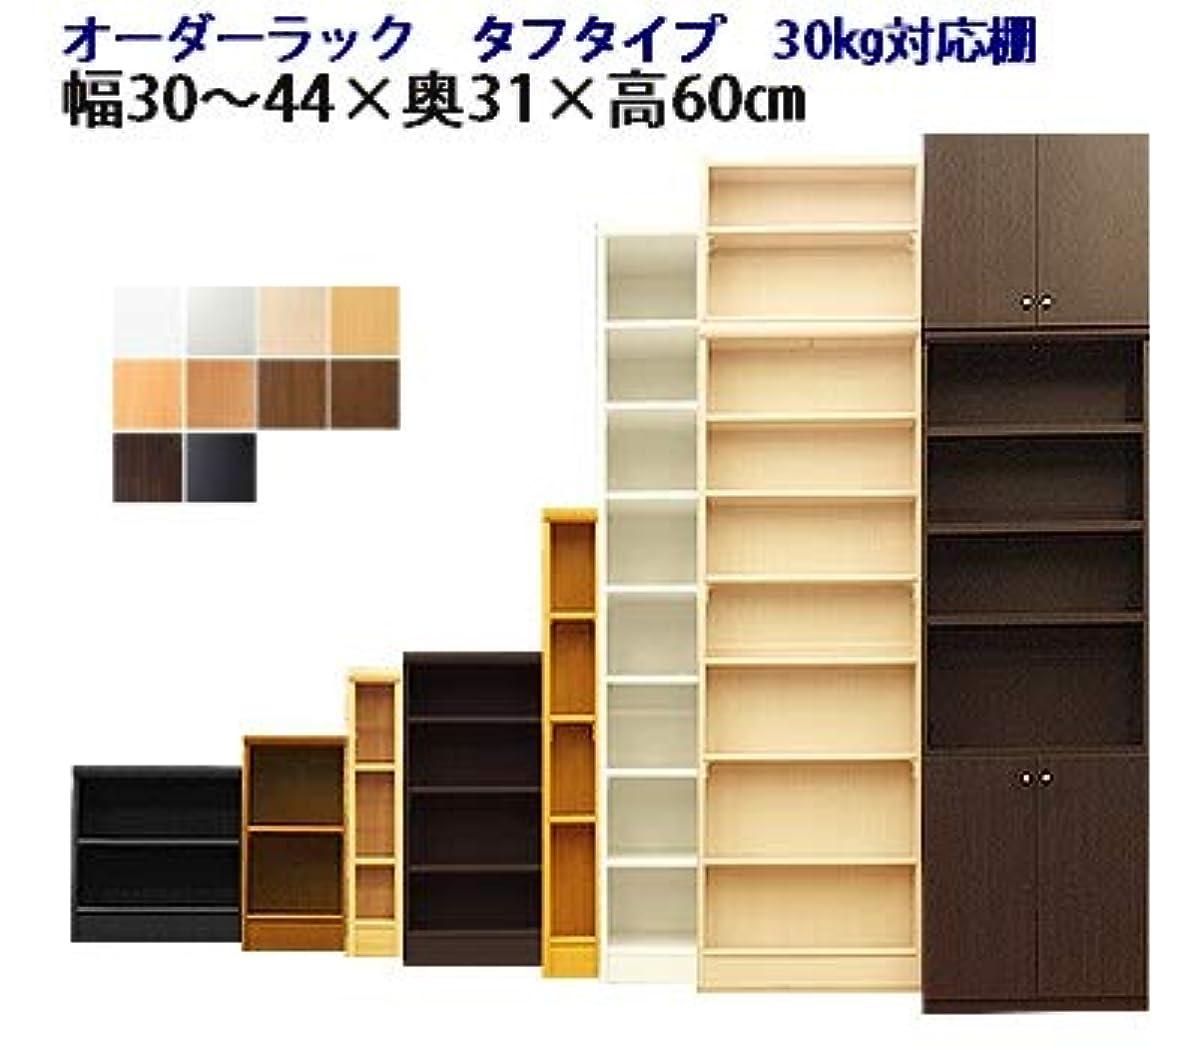 徐々に通りカイウスRooms 本棚 カラーボックス ラック 2段 壁面収納 日本製(タフ) 奥行31 高さ60cm 幅(cm):34 ホワイト